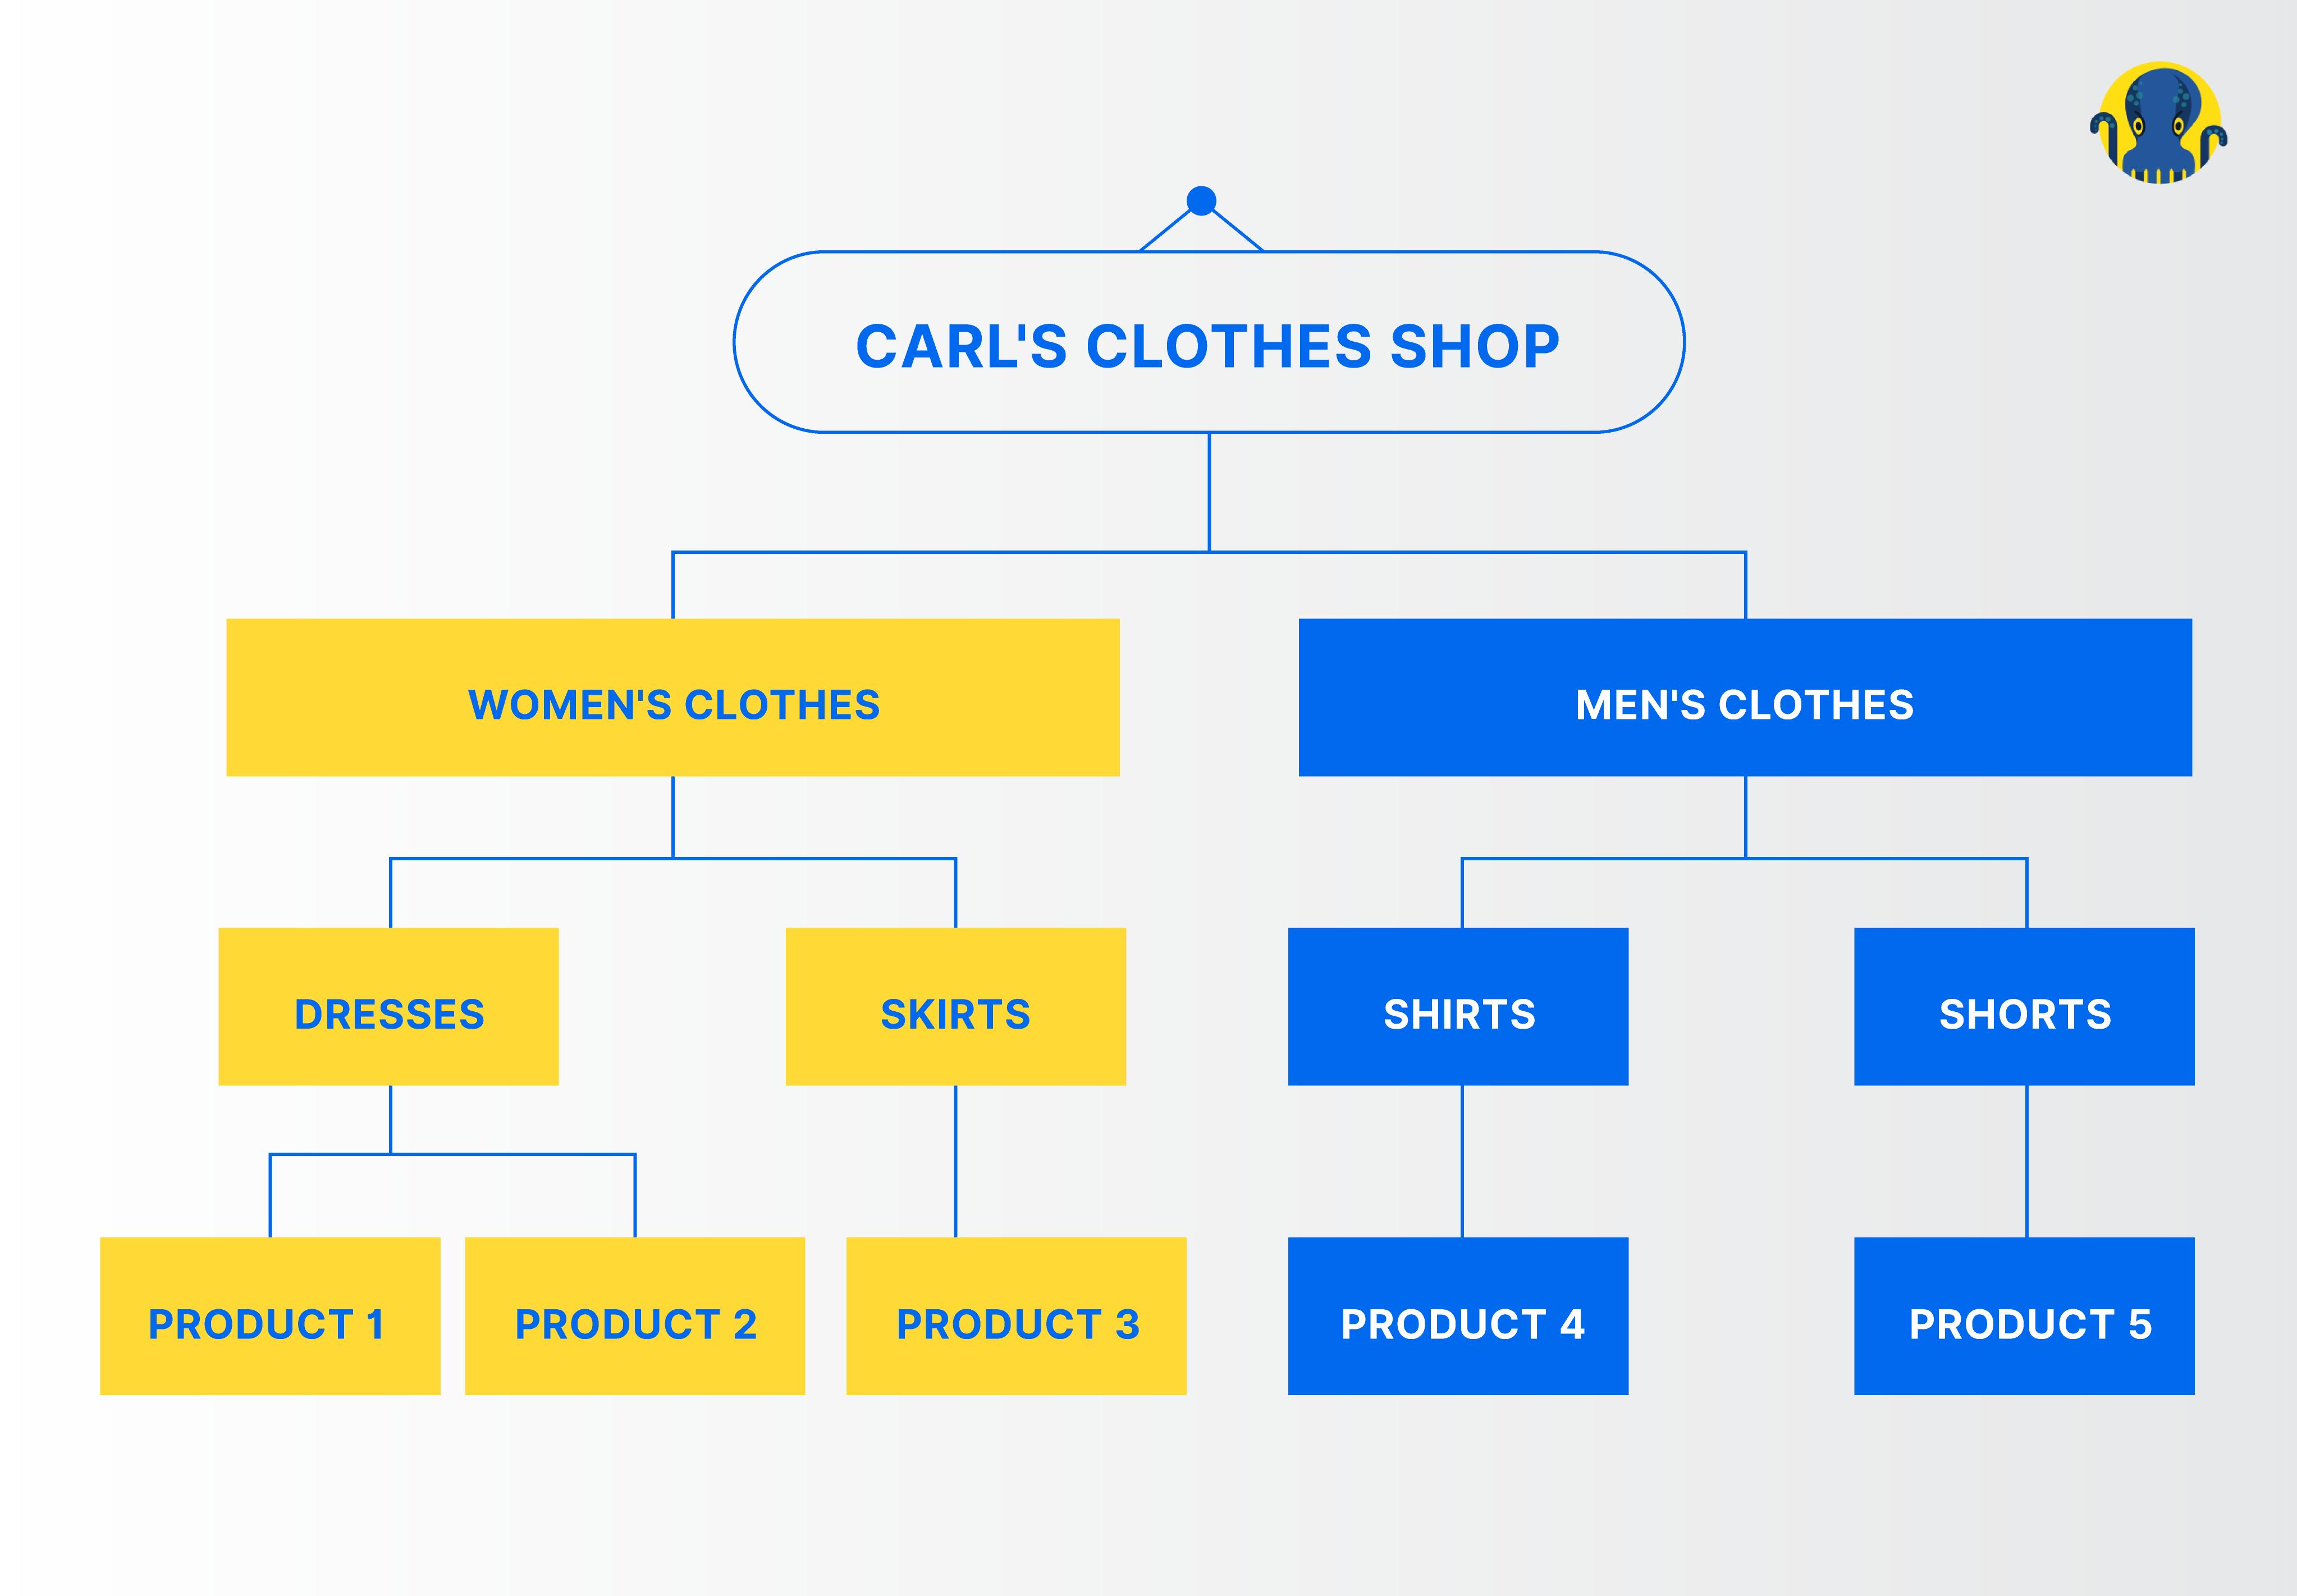 Carl's Clothes Shop